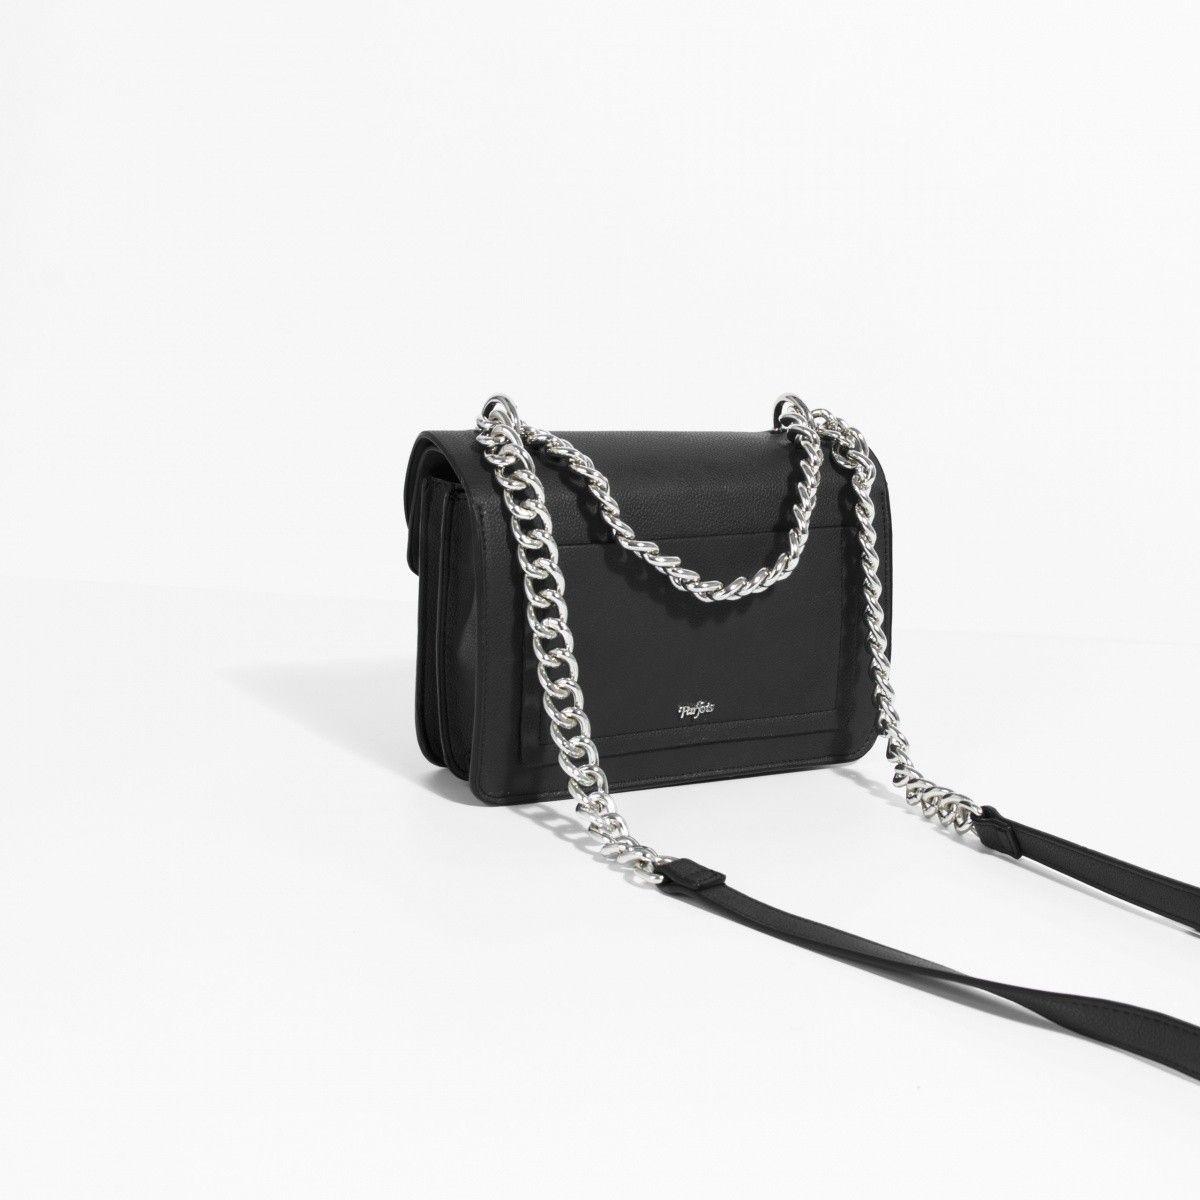 Jean Cross Bag